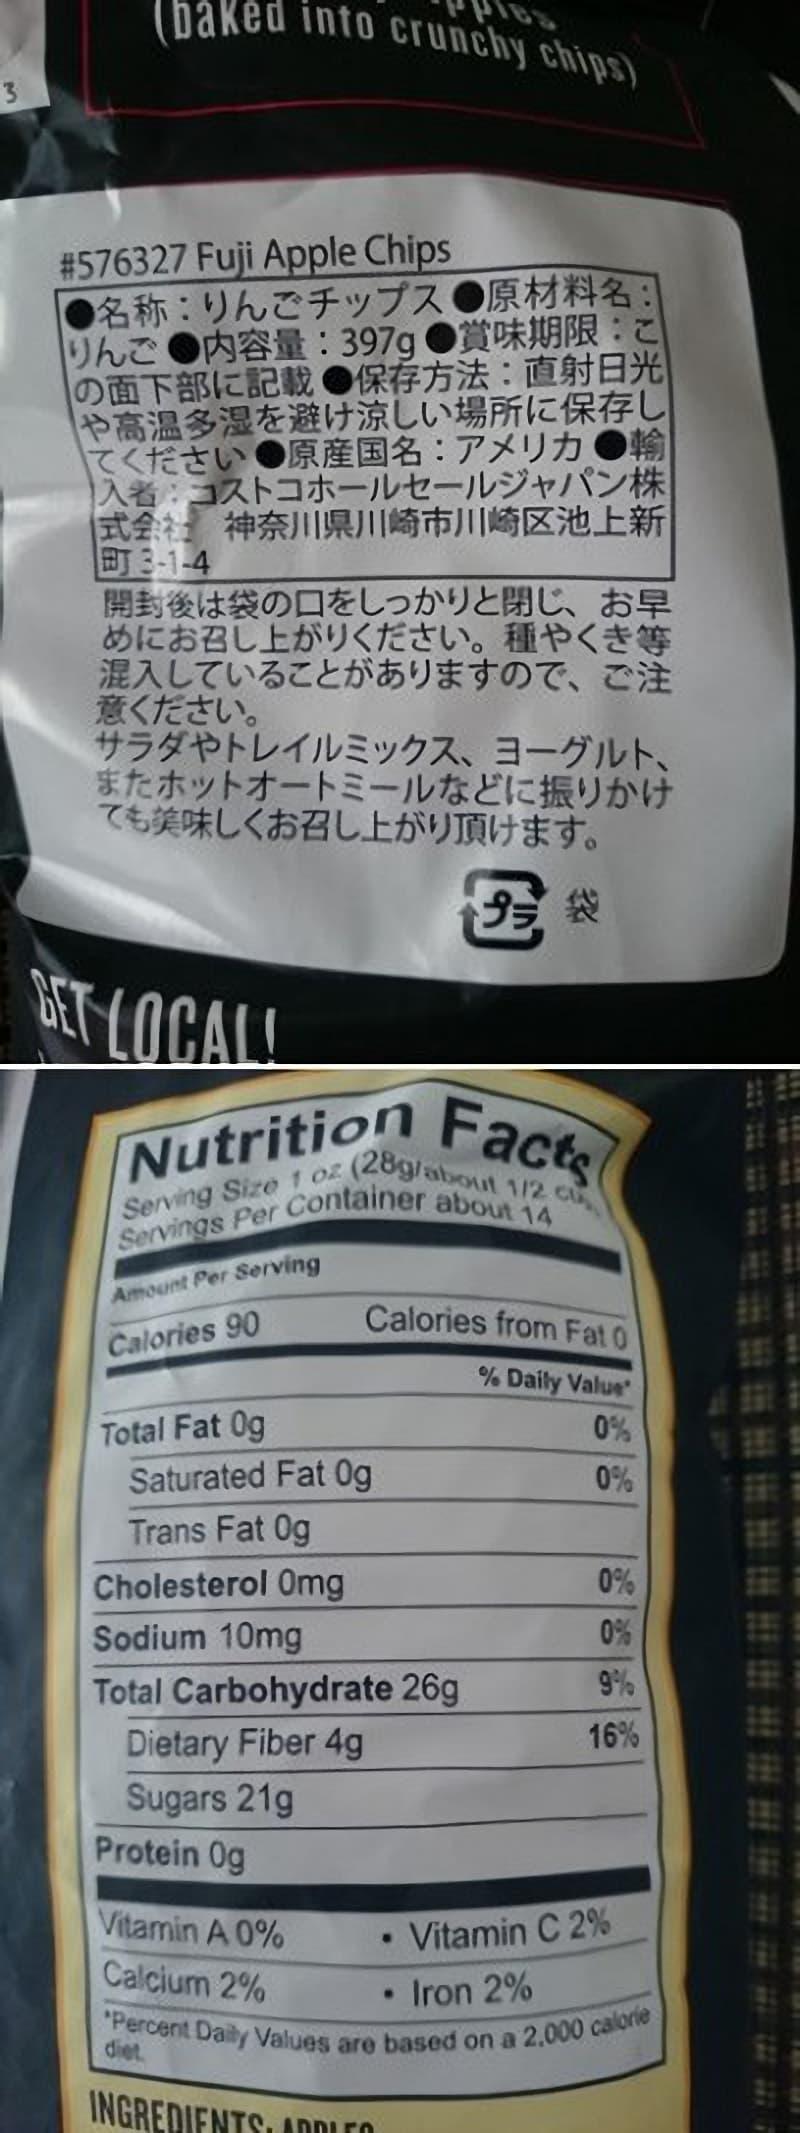 なるみぃさん[7]が投稿したBARE FOODS ふじりんごチップスの写真